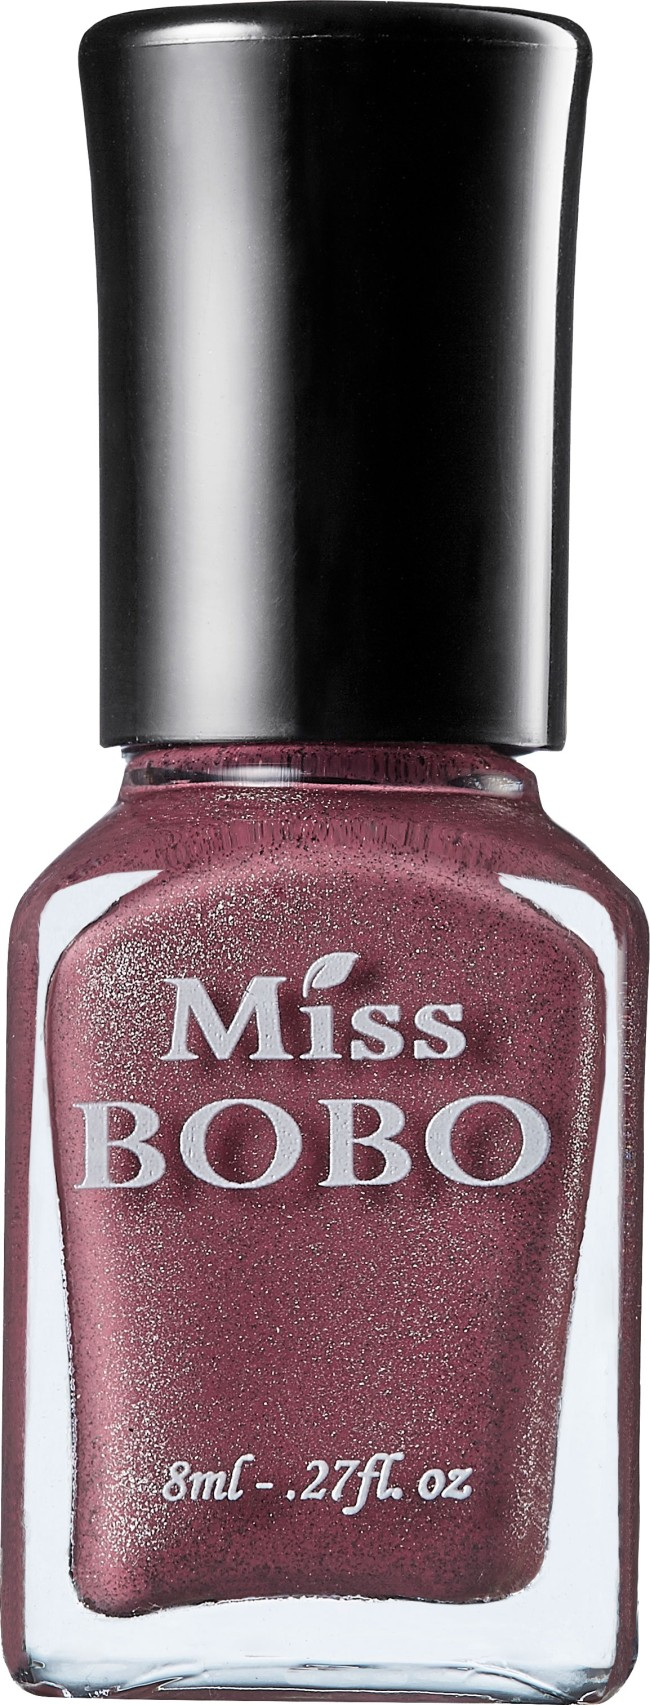 Miss BOBO水性可剝磁力指彩 鋼鐵薔薇